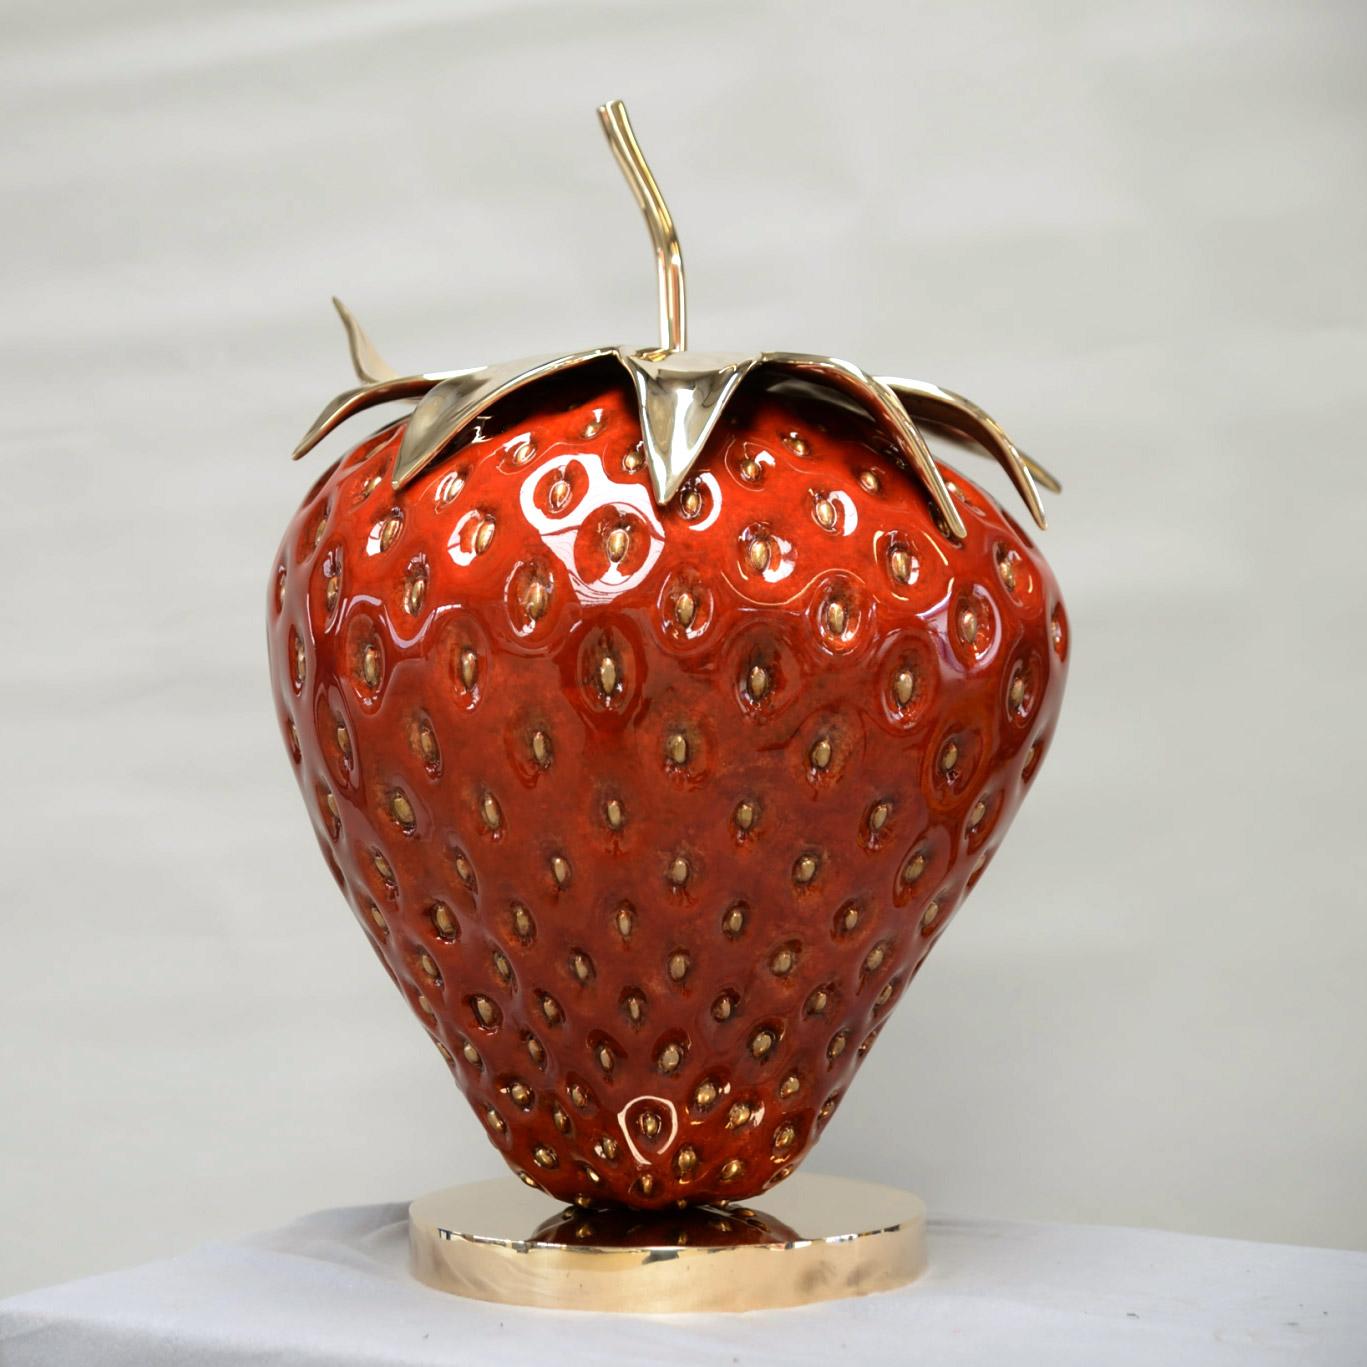 lothar-vierkant-portfolio-strawberry